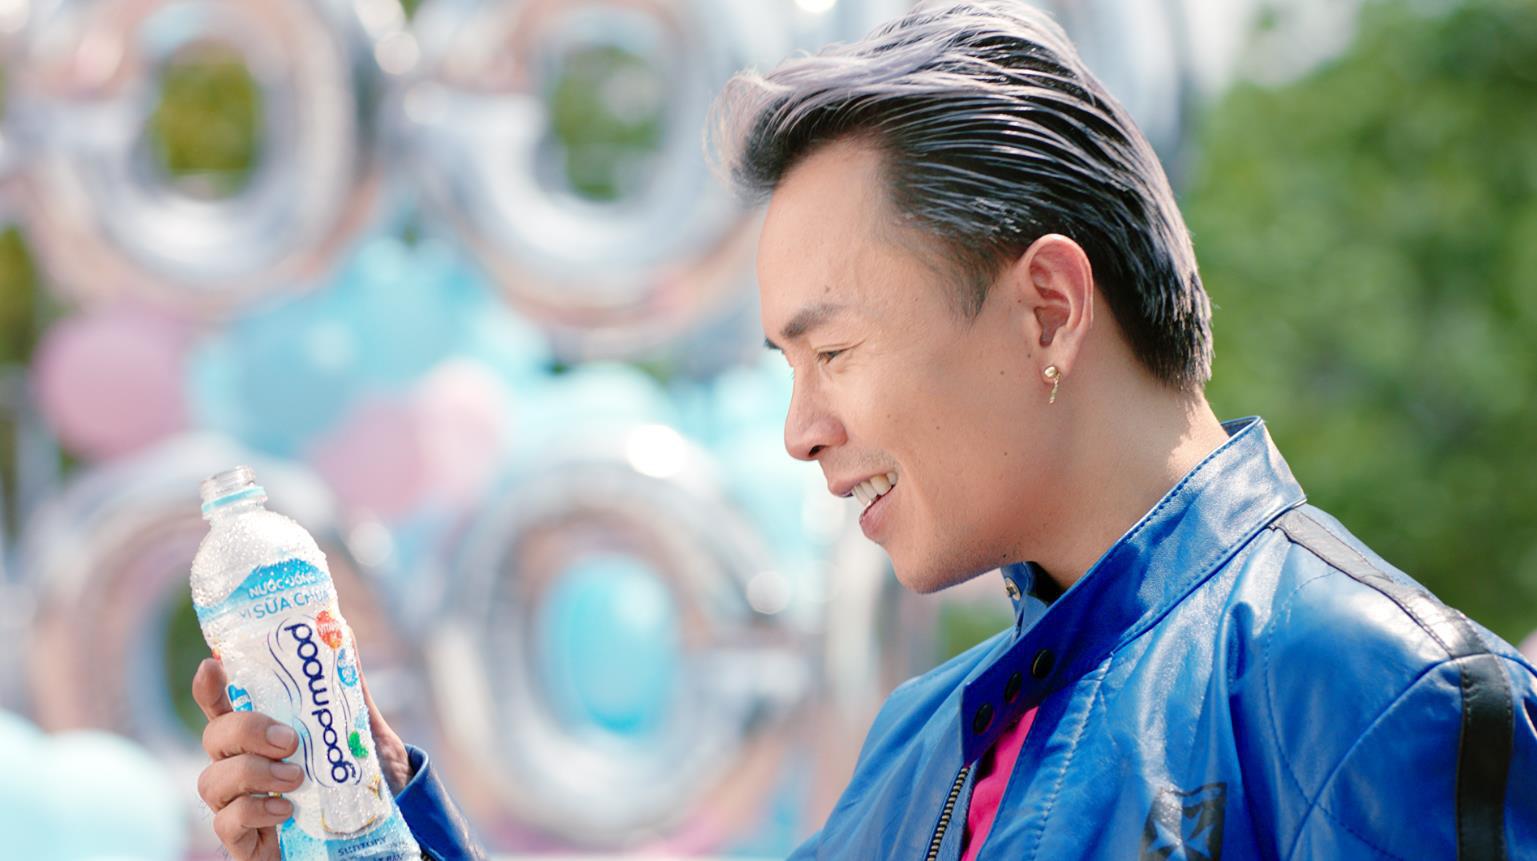 Ờ mây zing chưa, thánh tạo trend Binz nay lại tung thêm vũ điệu cực mood trong MV mới - Ảnh 1.